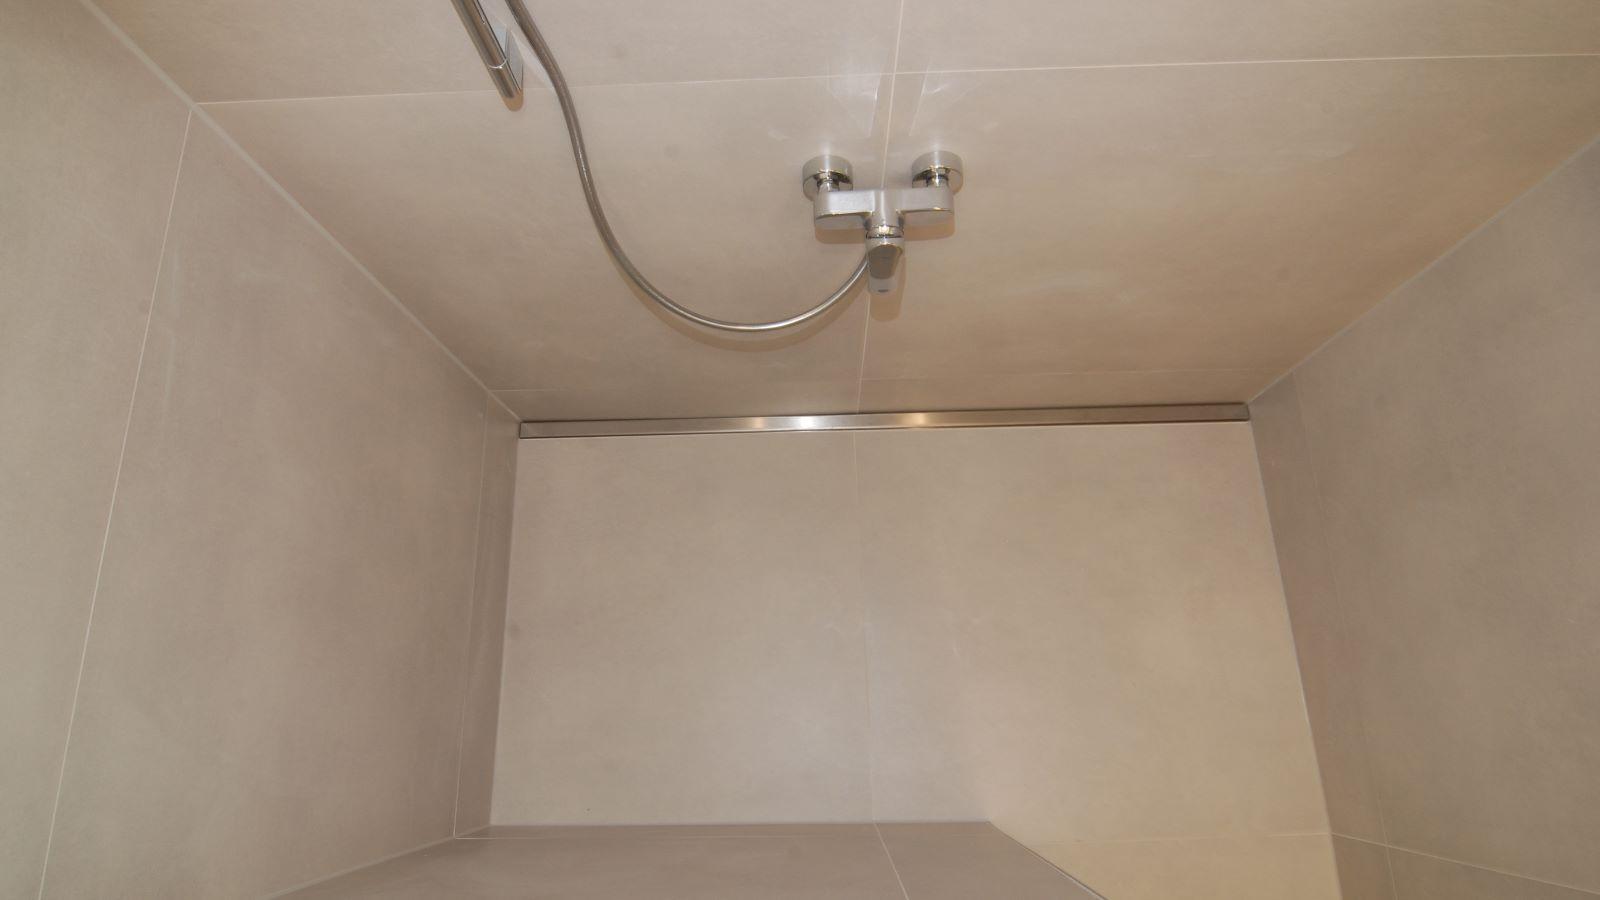 Das bild zeig die aufsicht von oben auf die cm-genaue massanfertigung der langlebigen v4a edelstahl-duschrinne pro. Praktisch und unauffaellig wandbuendig eingebaut an der rueckseite der ebenerdigen dusche traegt sie bei zur ruhigen optik der pflegeleichten dusche.  In diesem sanitaerbereich ist die hygienische reinigung der leicht zu saeubernden duschrinne pro besonders wichtig. Auch die grossformatigen fliesen sind sehr gut zu reinigen. Die duschrinne pro in 100 cm oder 200 cm laenge ermoeglicht das befliesen mit 100 cm x 100 cm bodenfliesen und 100 cm x 300 cm wandfliesen. Die massgefertigte duschrinne pro ist optimal fuer moderne, funktionelle barrierefreie duschen gerade in sanitaerraemen, auch von fitnessstudios oder sportstaetten.